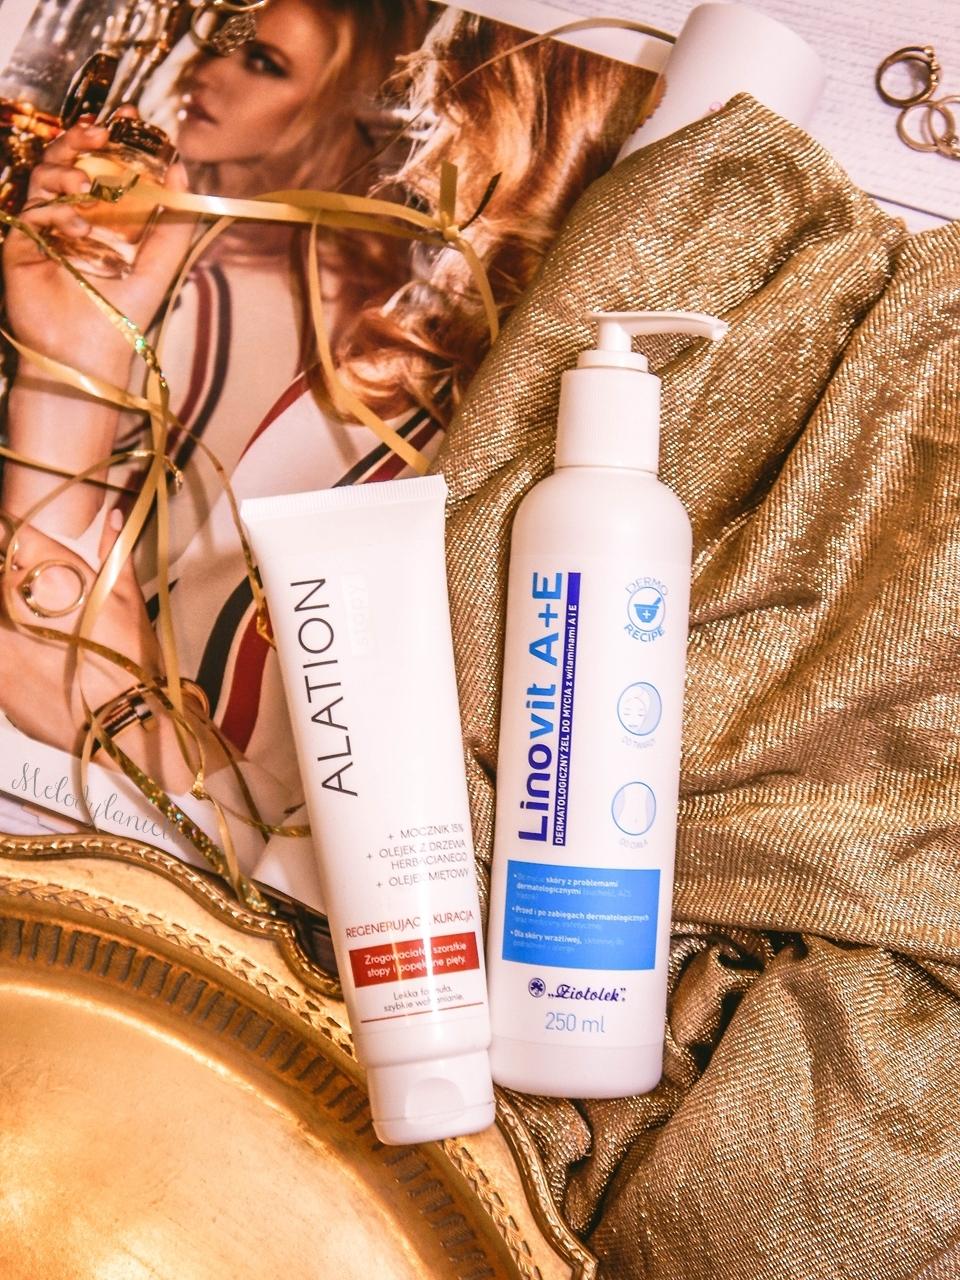 8 ziołolek Linovit a + e dermatologiczny żel do mycia z witaminami  recenzja opinia działanie krem do stóp schodząca skóra zrogowaniała skóra popękane pięty